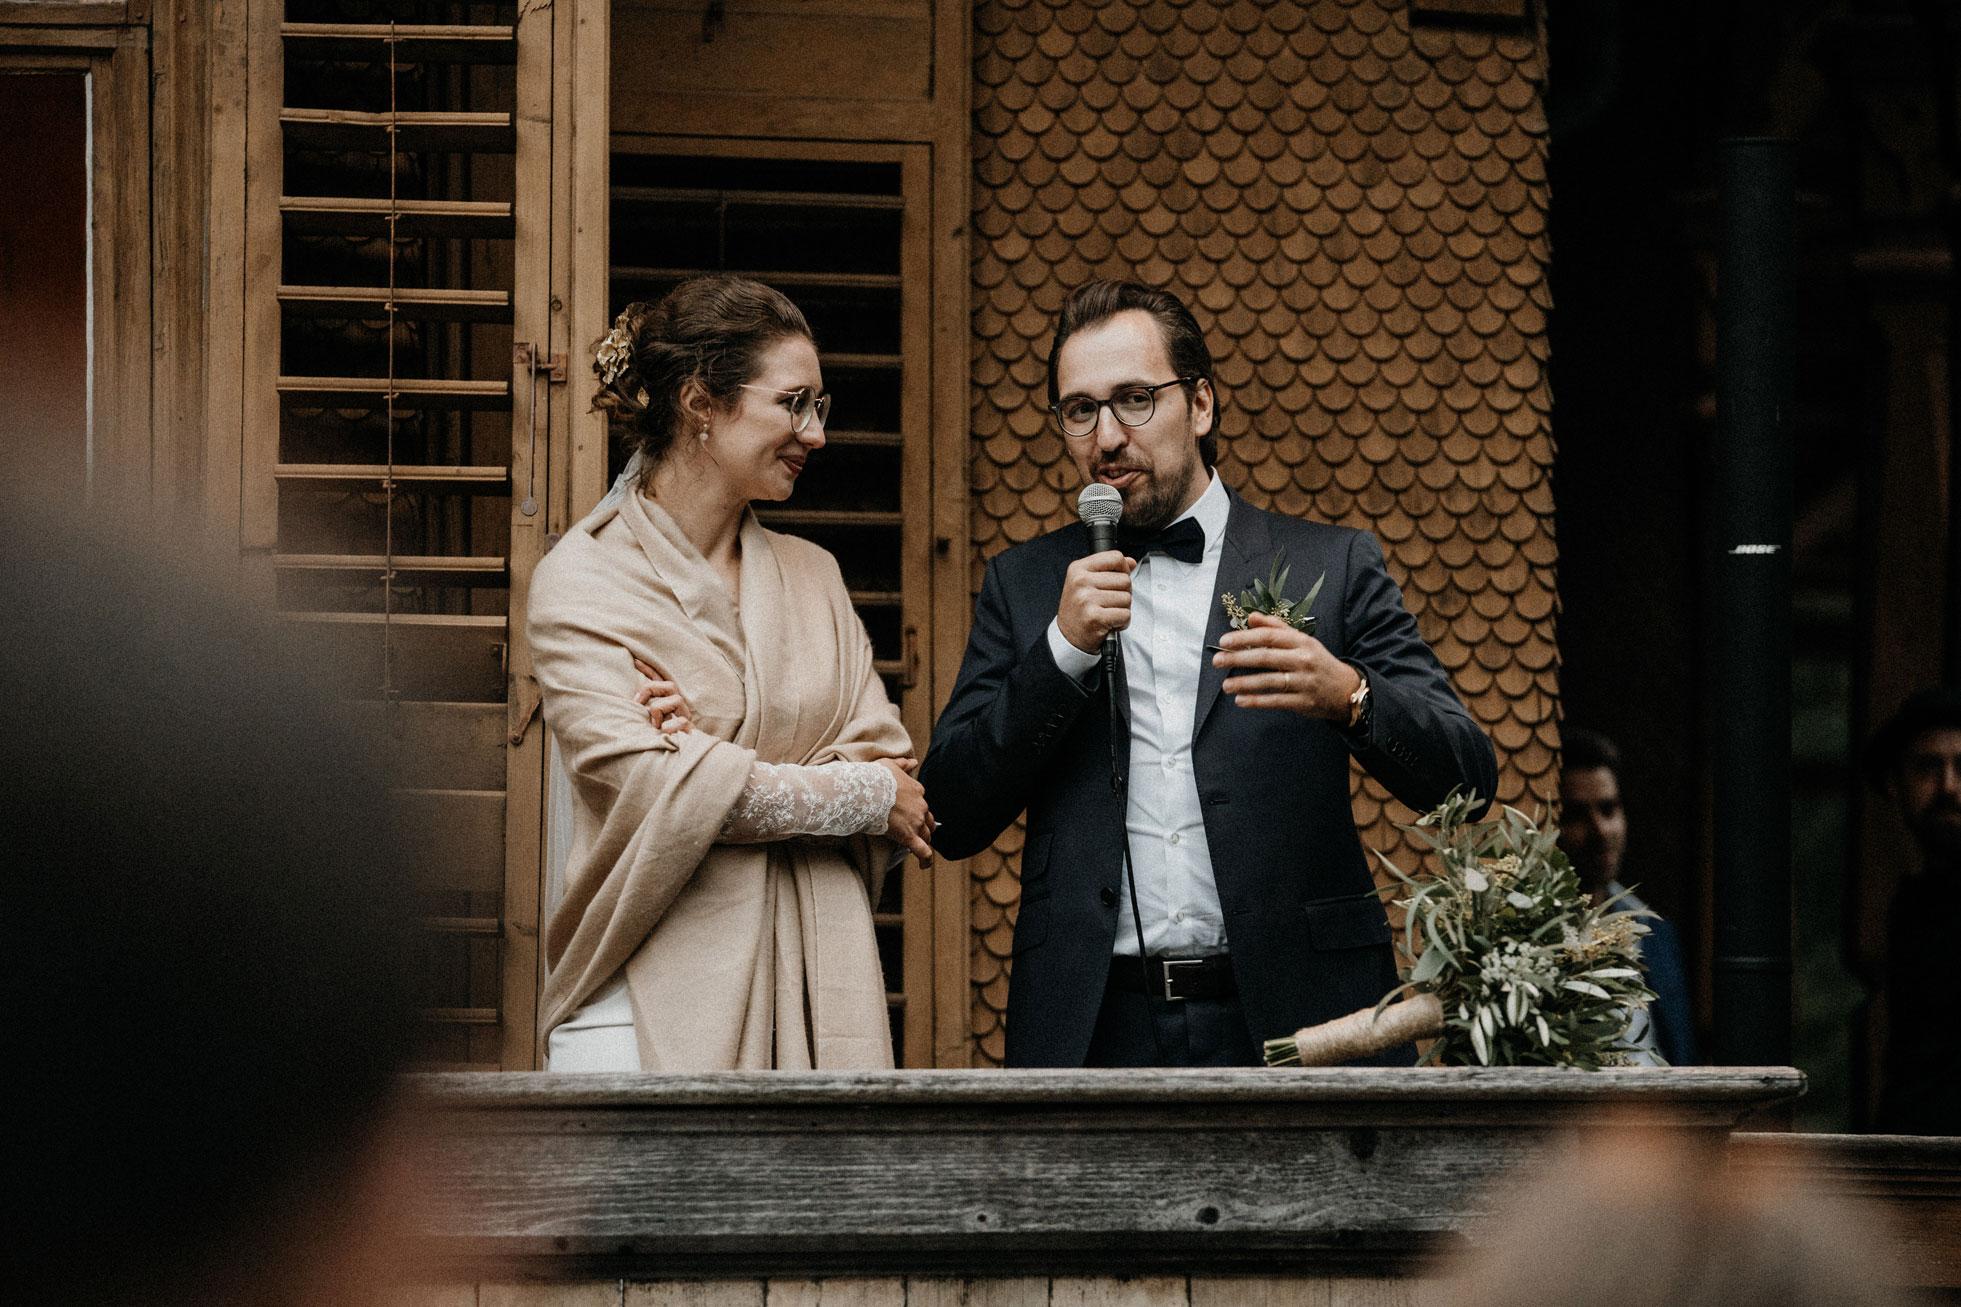 Hochzeit_Claire_Manuel_Villa_Maund_Daniel_Jenny-482.jpg